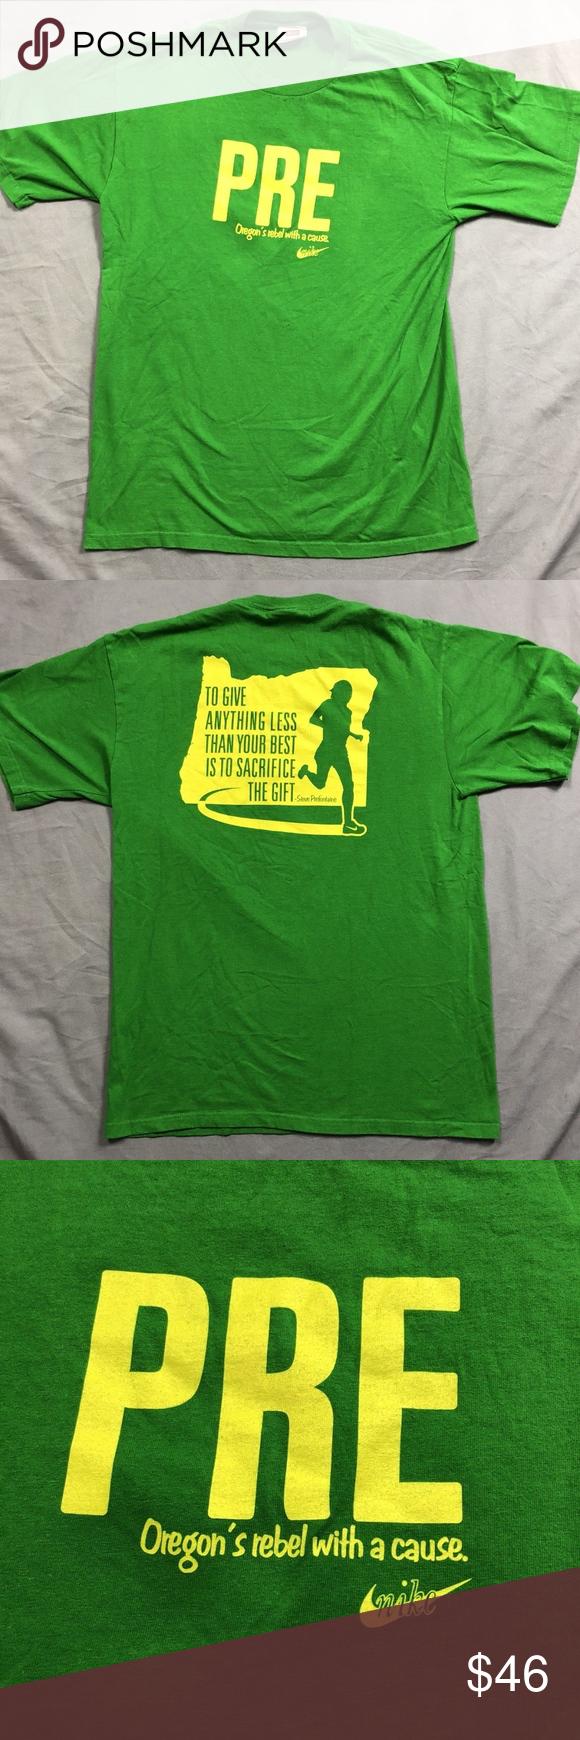 c4341589 Nike Vintage Steve PRE Prefontaine Oregon T Shirt Vintage Nike Steve PRE  Prefontaine Oregon Running T Shirt Size: Medium Pit to Pit: 21